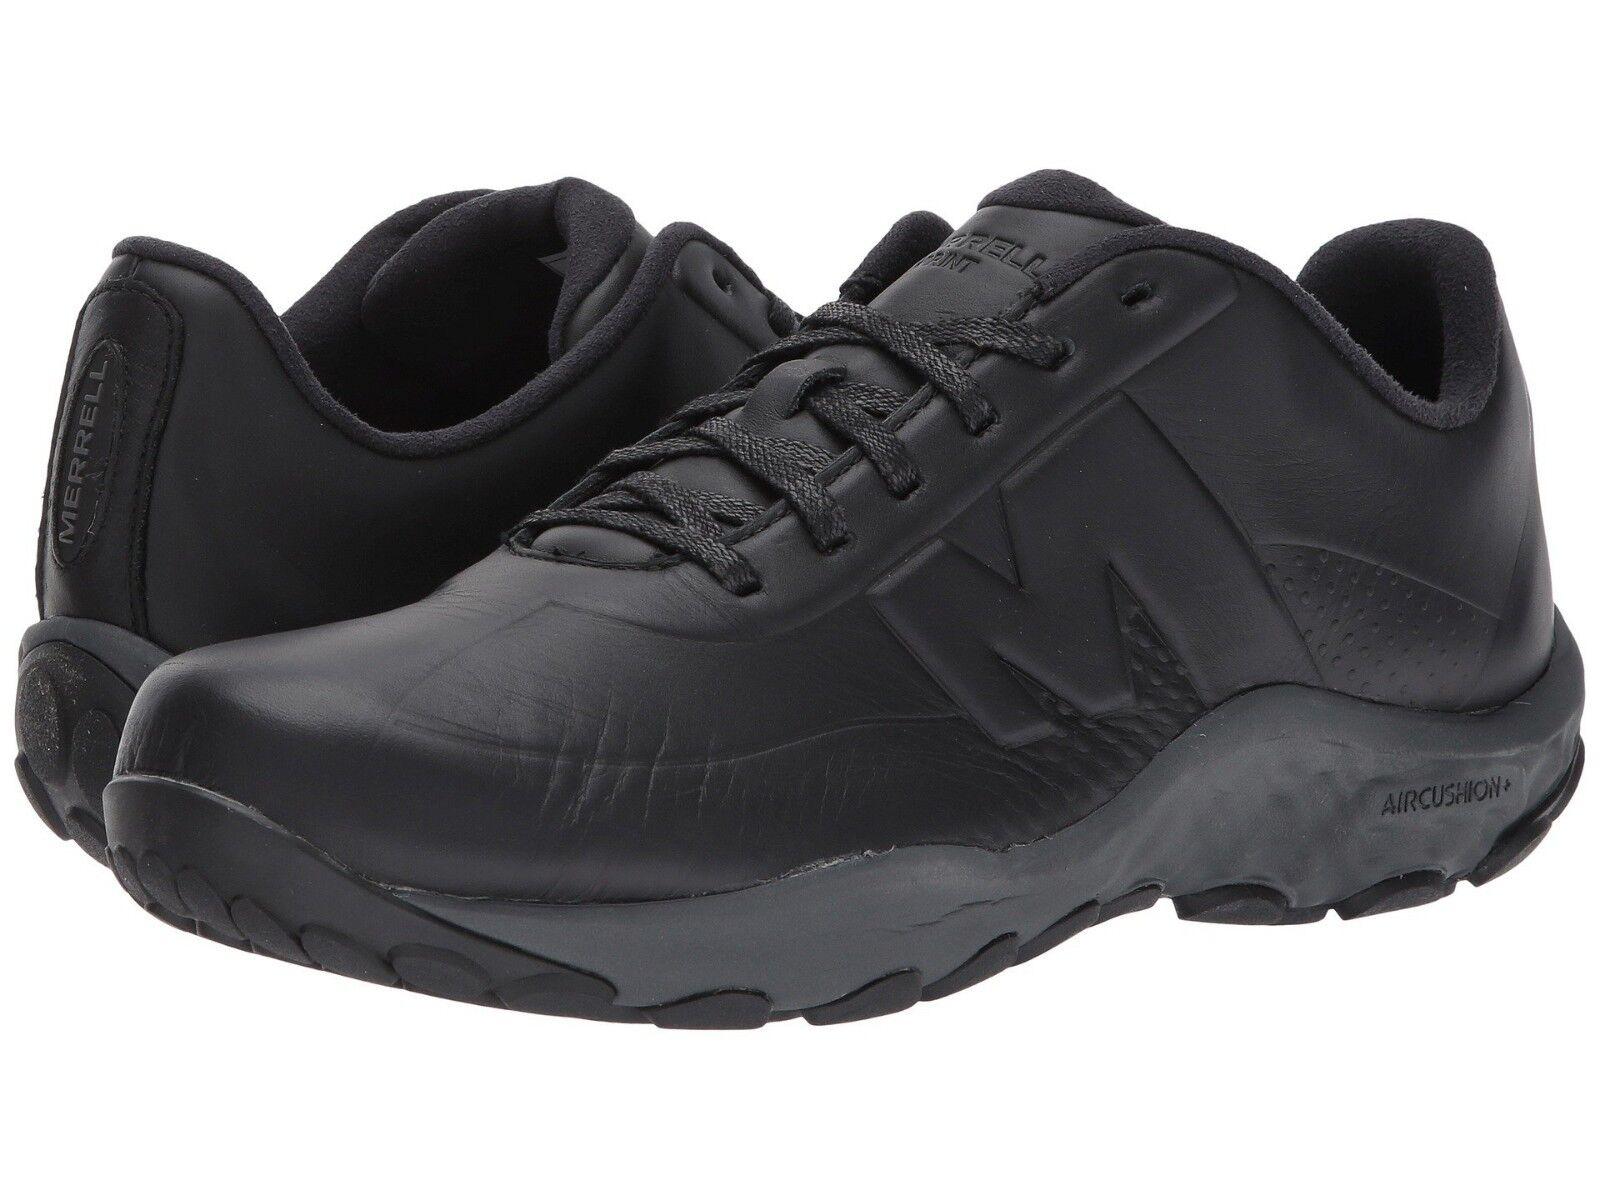 Merrell Uomo scarpe da da da ginnastica Sprint Lace Espresso Leather AC+ scarpe Outdoor nero 11 d248e3